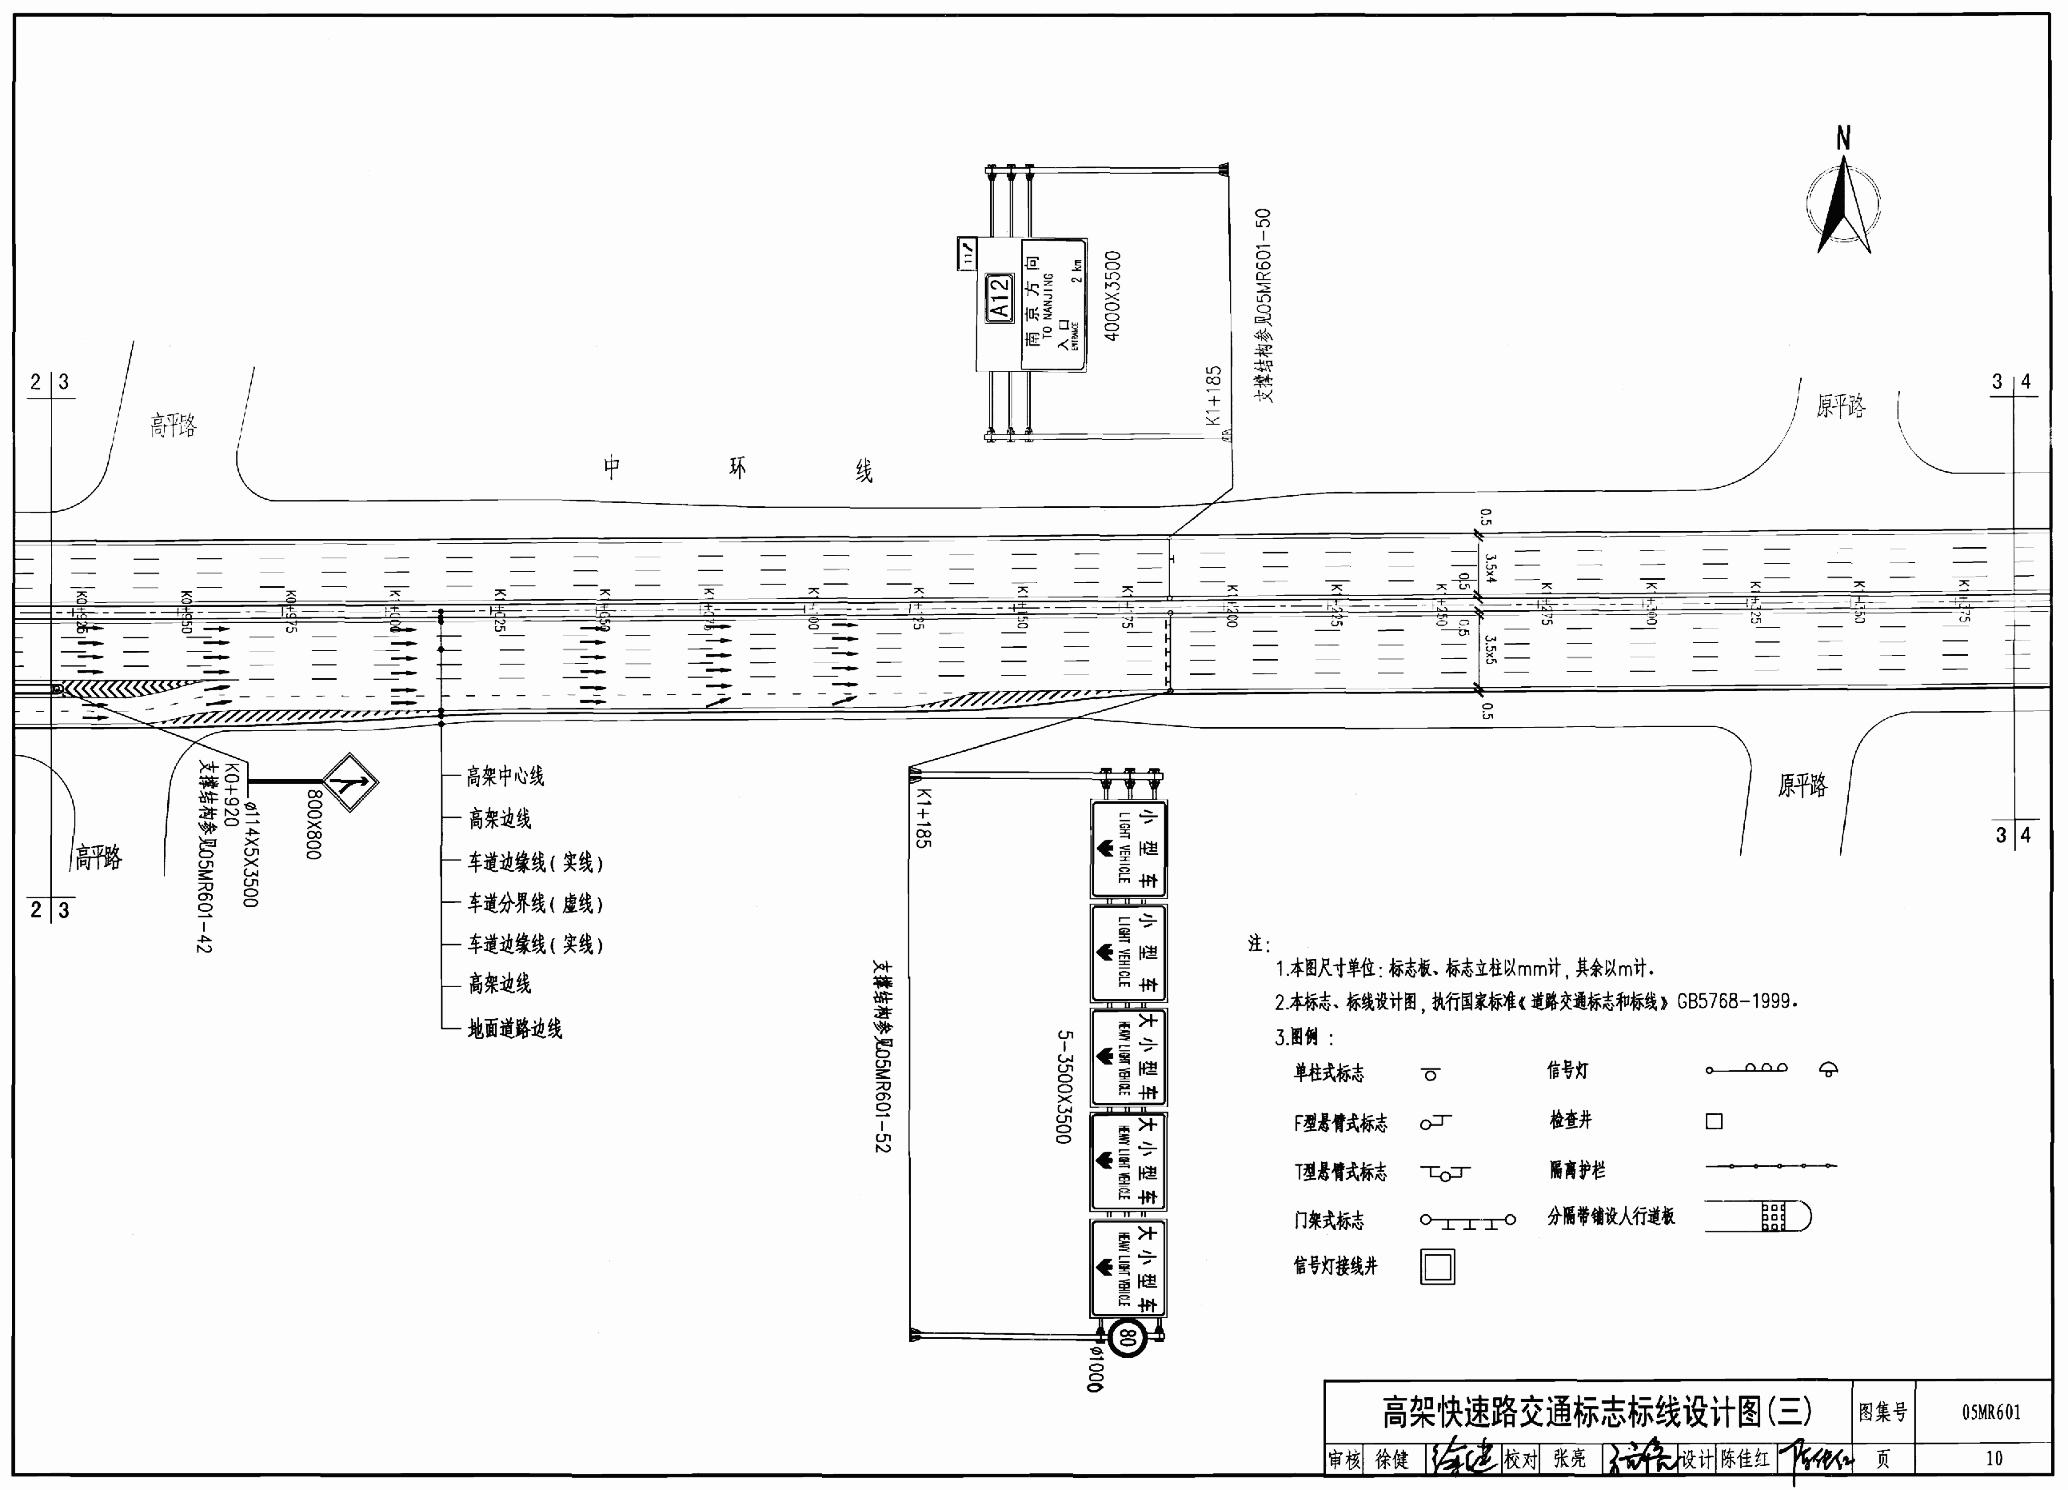 本图集适用于我国城镇各类新建、扩建、改建的快速路、主干路、次干路及支路的道路交通标志和标线设计。不包括实时信息情报板和其它电子信息处理、发布设施及施工区域的交通标志标线设计。   本图集提供城市道路交通标志标线的布置图及交通标志支撑结构图,包括:快速路、立体交叉、平面交叉等标志标线布置图、标志标线大样图、各种标志支撑方式的结构设计图以及连接件设计图等。   本图集根据《道路交通标志和标线》GB5768-1999等现行规范,并结合城市道路特点,阐明交通标志标线设置原则、设计原则,绘制交通标志标线设计示例